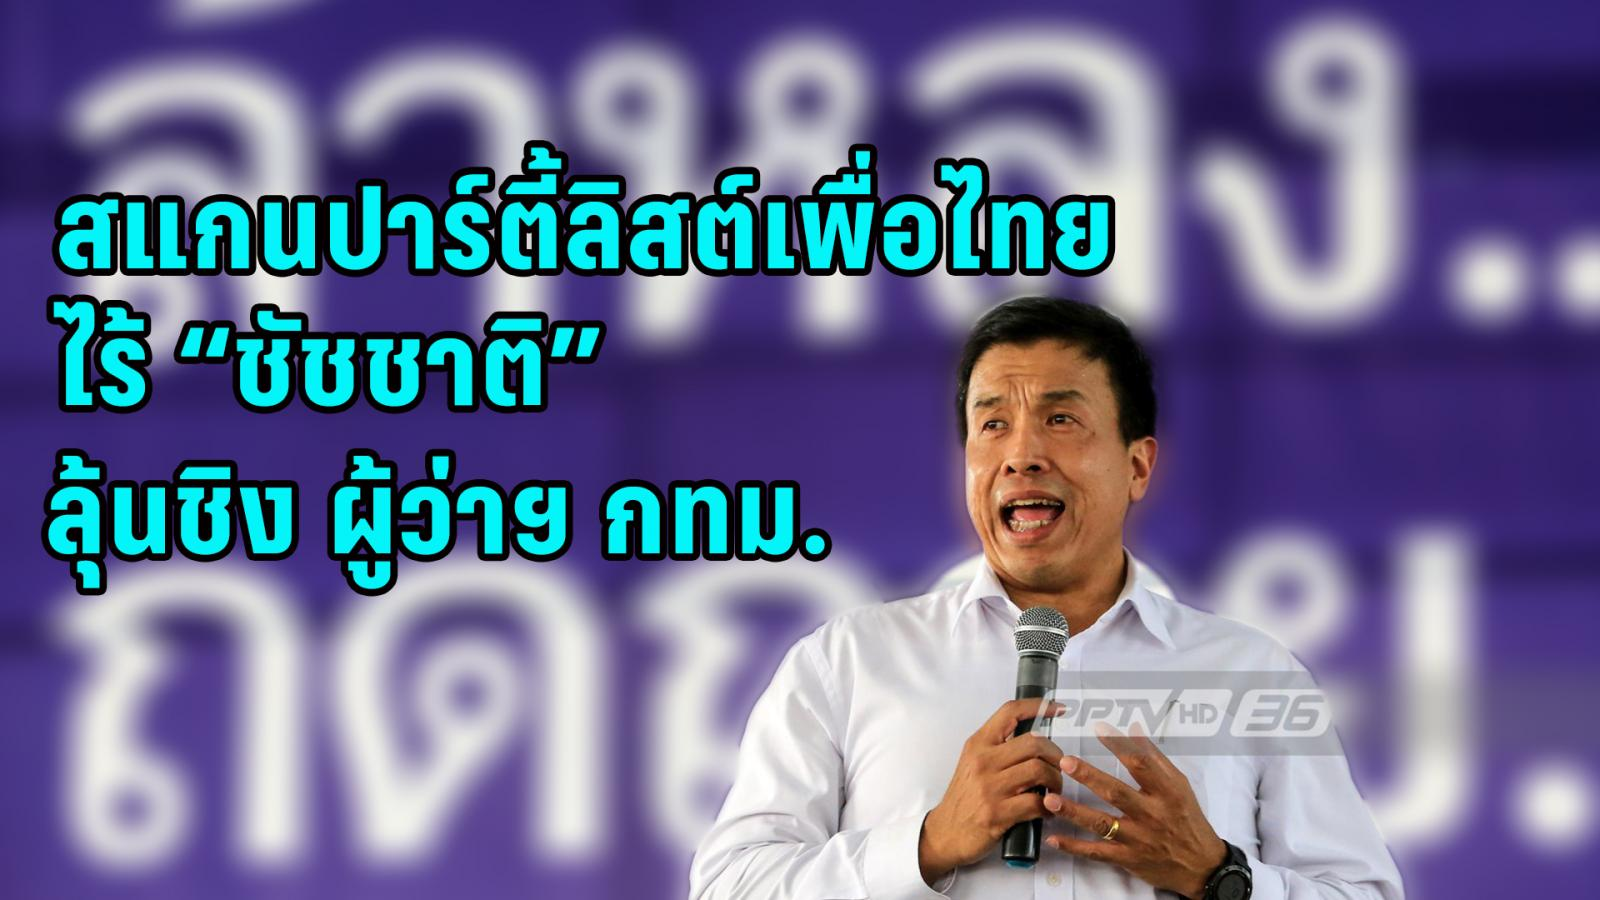 """สแกนปาร์ตี้ลิสต์ """"เพื่อไทย"""" ไร้เงา """"ชัชชาติ"""" คาดลงเลือกตั้ง ผู้ว่า กทม."""